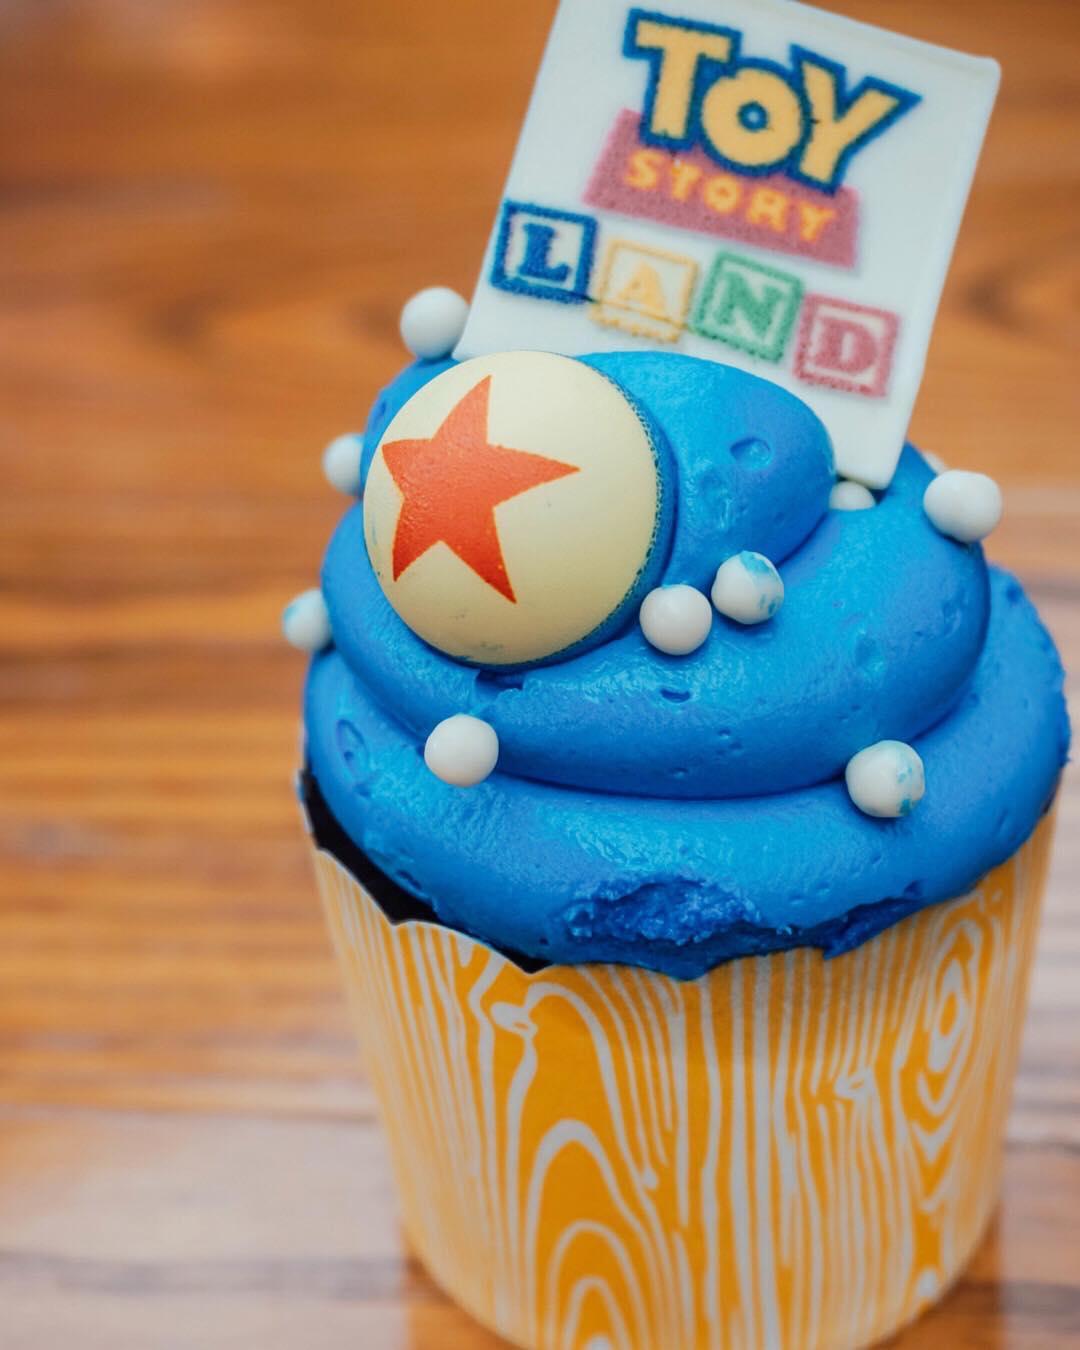 画像1: Krystal  SunnySweetDays.comさんはInstagramを利用しています:「A sweet treat to celebrate Toy Story Land! I legit thought it was a plastic bouncy ball on top of this cupcake...but no... definitely…」 www.instagram.com